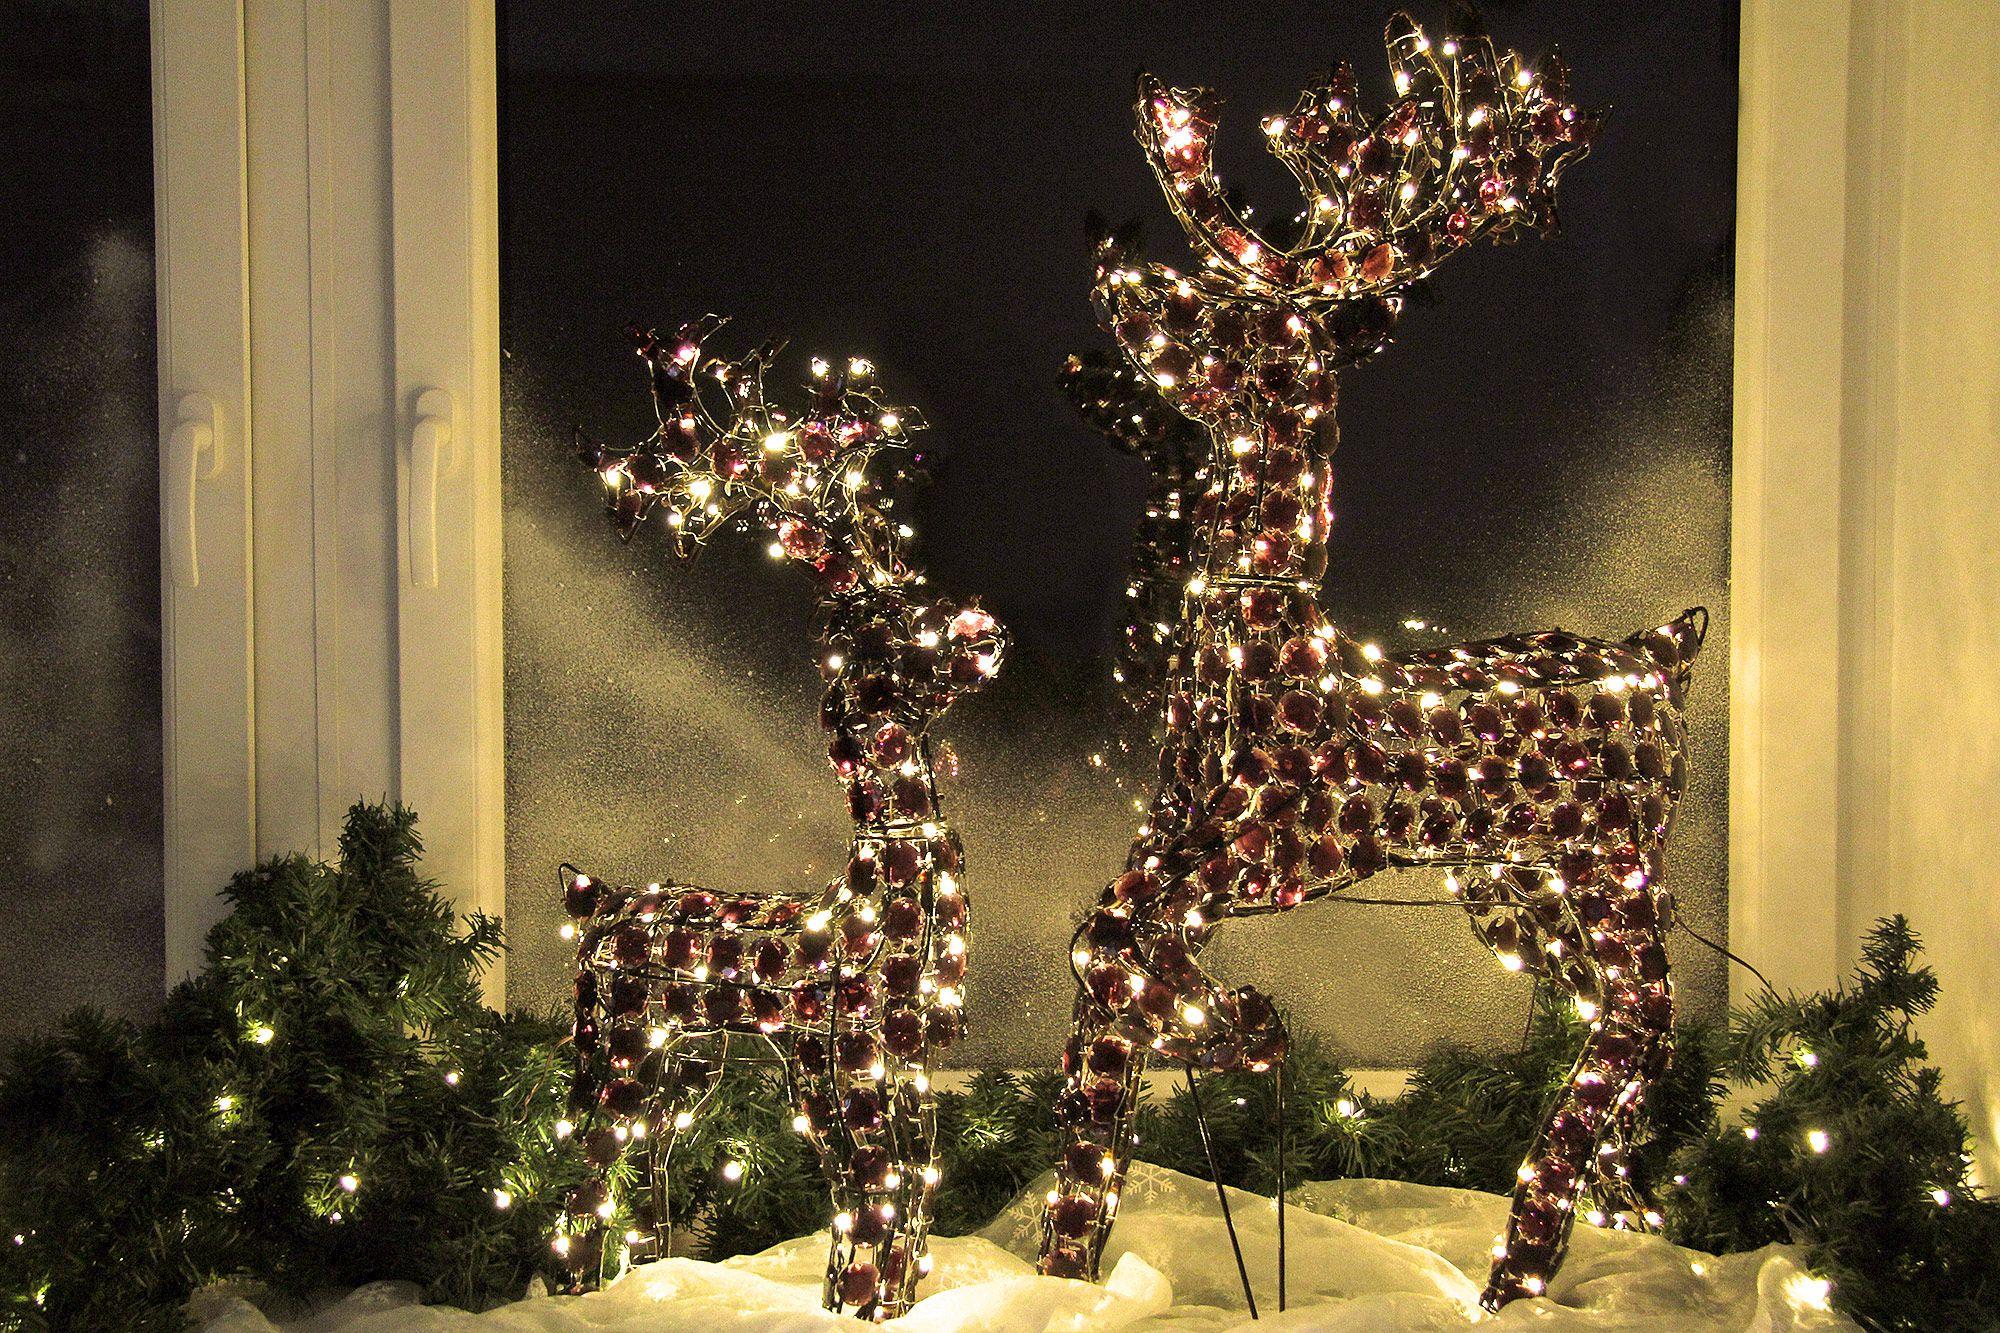 Full Size of Weihnachtsbeleuchtung Fenster Innen Batteriebetrieben Stern Batterie Fensterbank Ohne Kabel Bunt Mit Befestigen Hornbach Led Amazon Pyramide Rentier Fenster Weihnachtsbeleuchtung Fenster